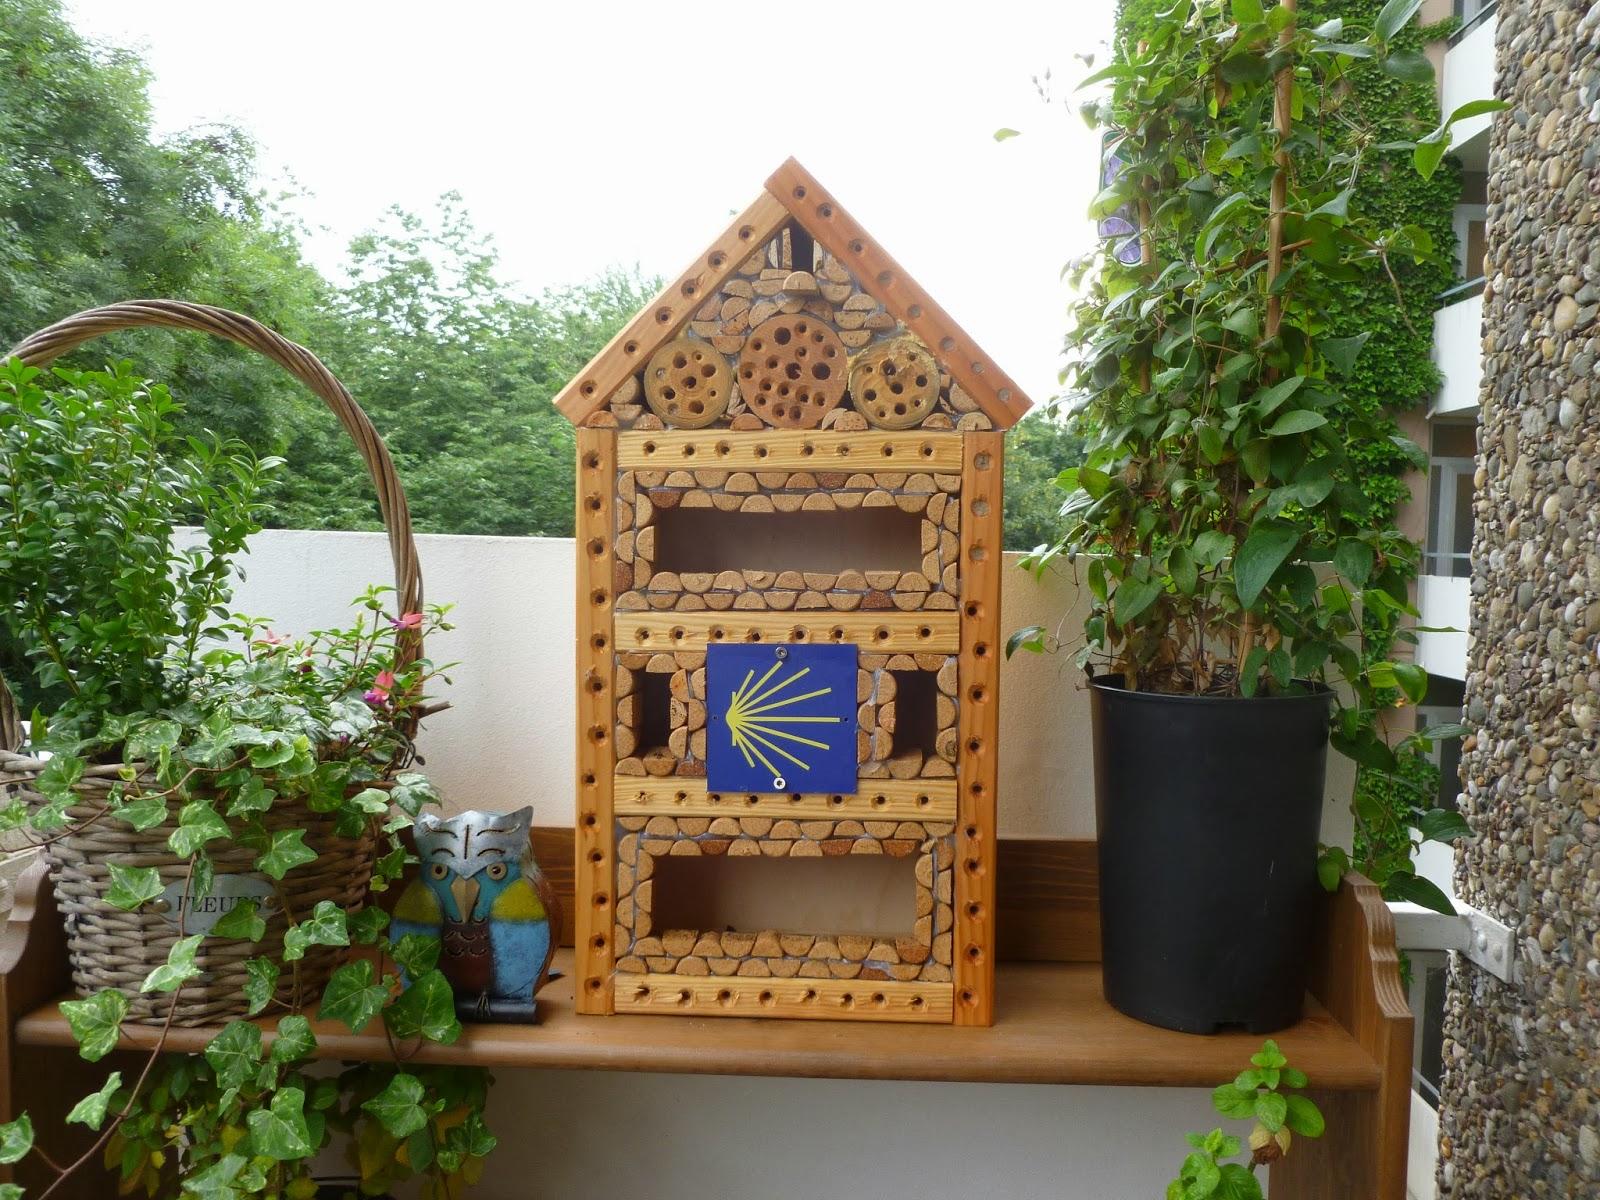 kombination von wegmarkierungen und artenschutz bauplan mini wild bienen insekten hotel. Black Bedroom Furniture Sets. Home Design Ideas